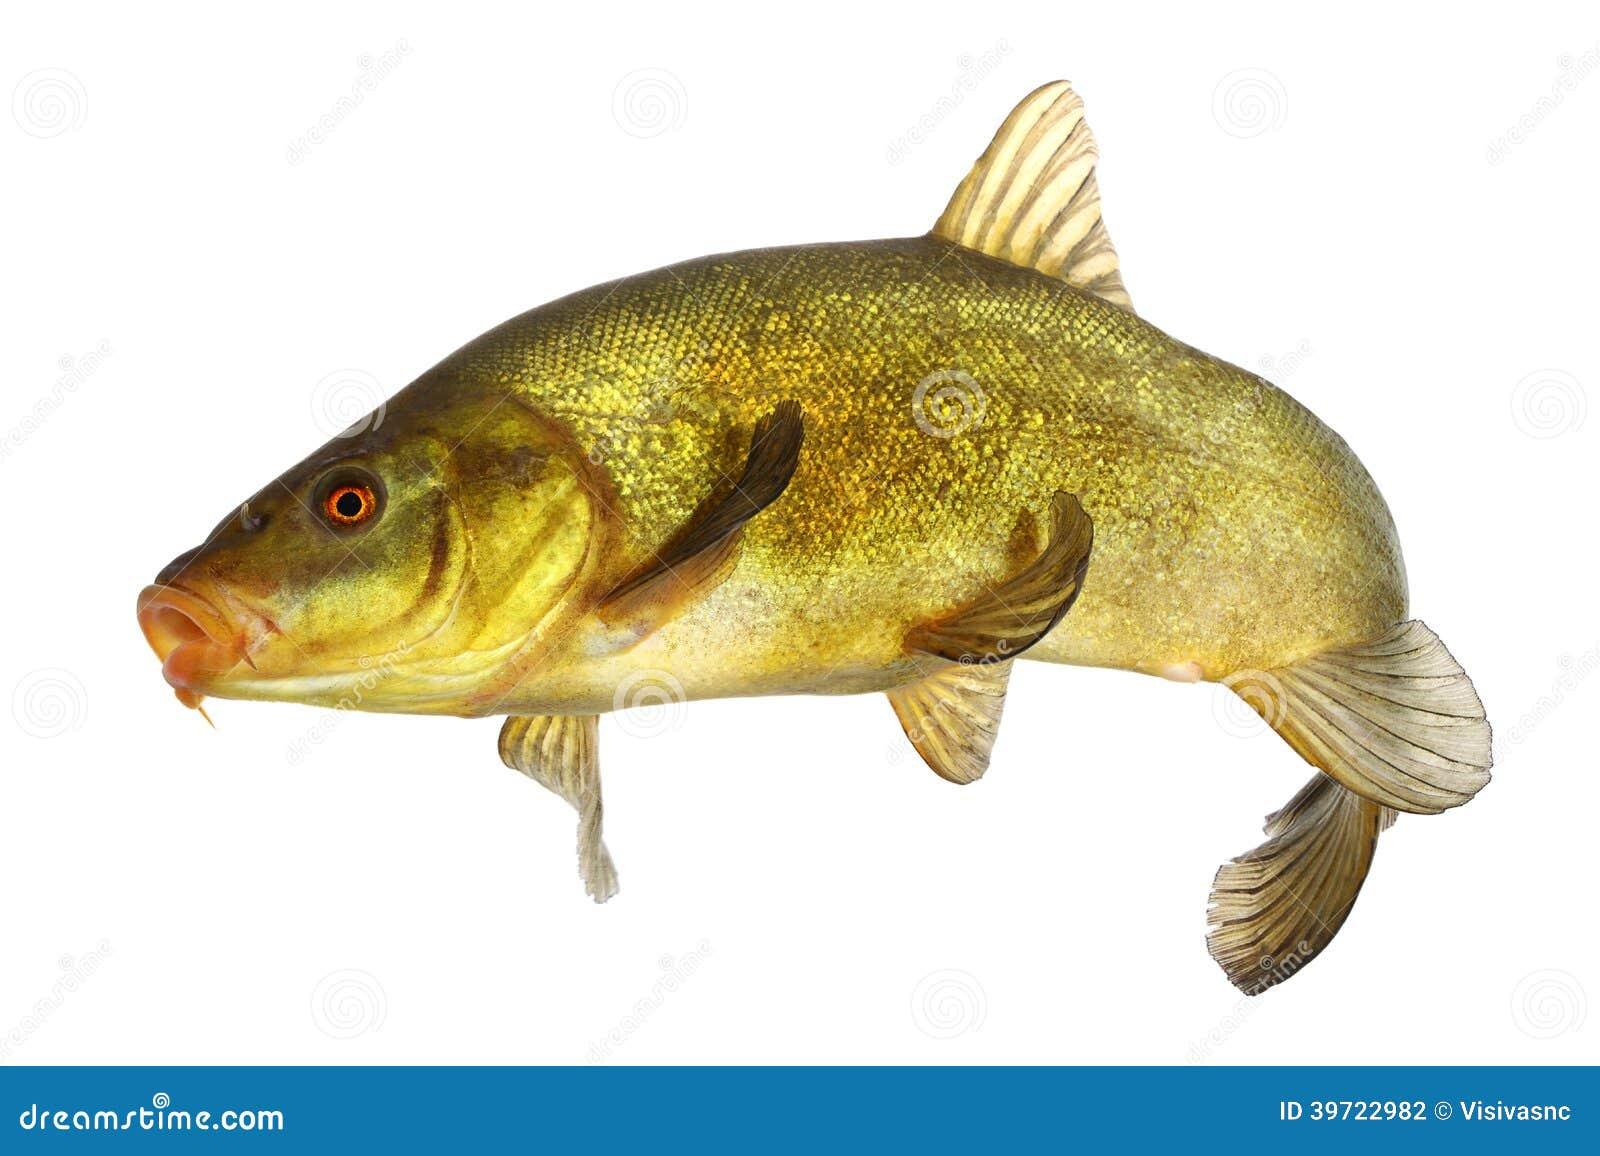 karpfen schleie f rbte die fische die frei schwimmen stockfoto bild 39722982. Black Bedroom Furniture Sets. Home Design Ideas